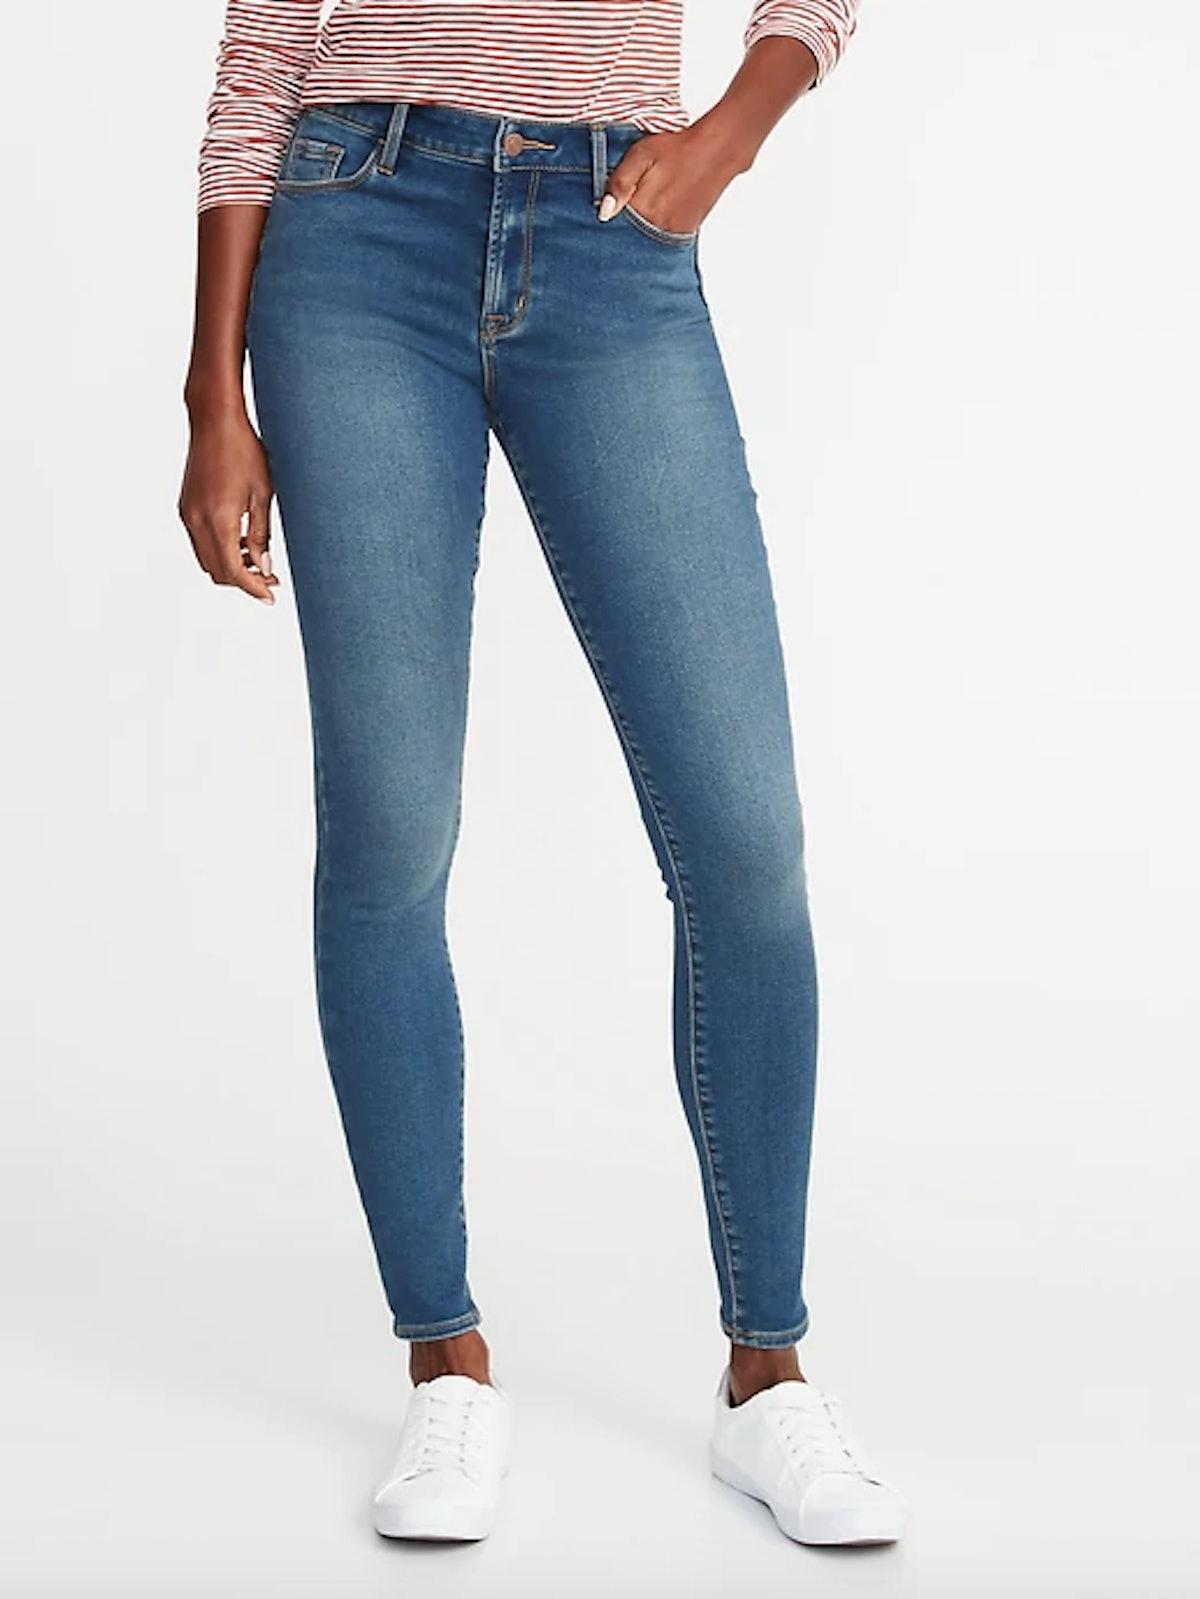 Mid-Rise Built-In Warm Rockstar Super Skinny Jeans